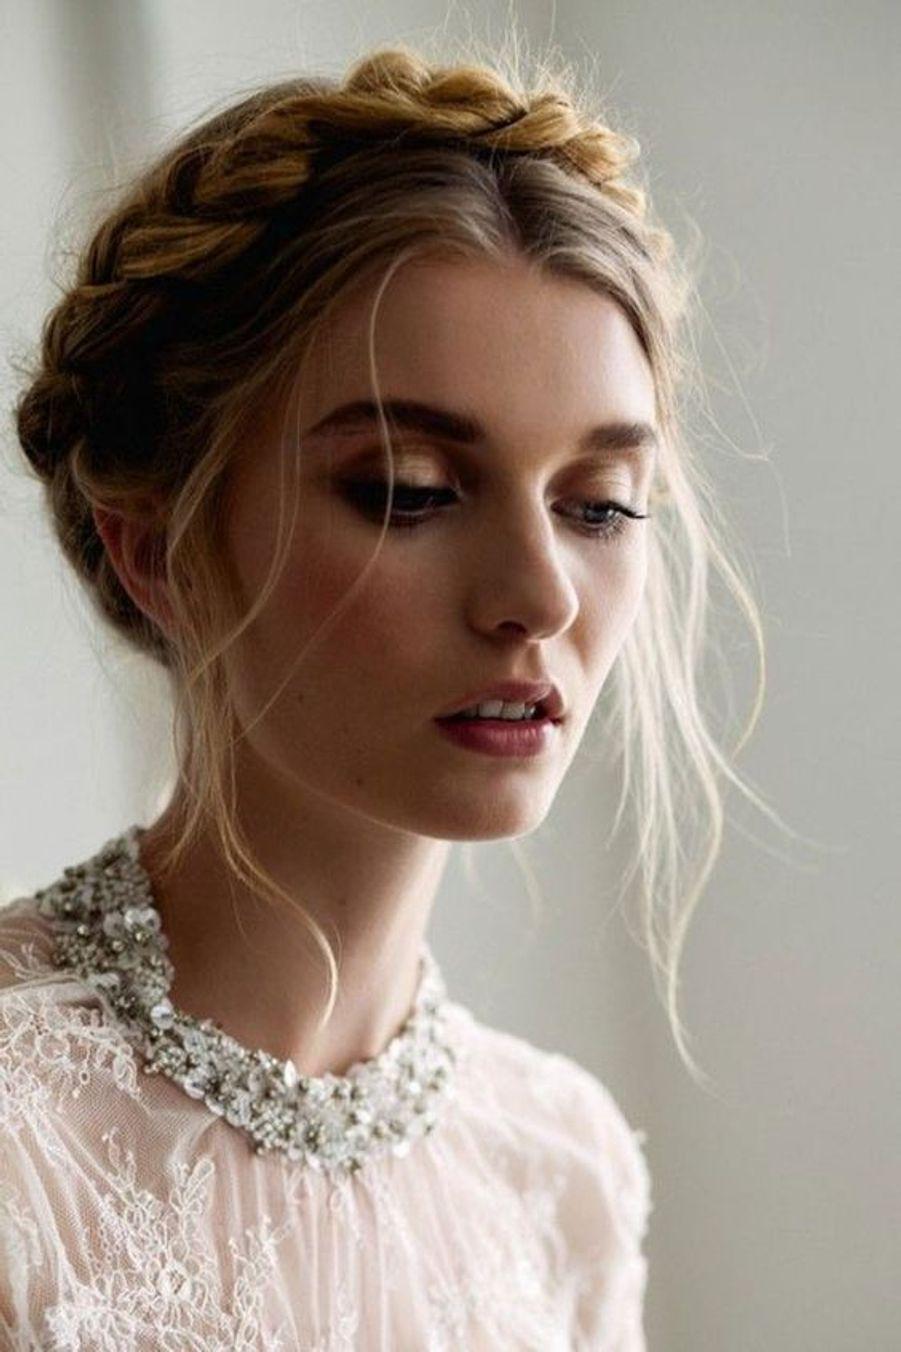 Crown Braid : La couronne tressée, une coiffure idéale pour cet été, facile à porter et à accessoiriser ! - Voir l'épingle